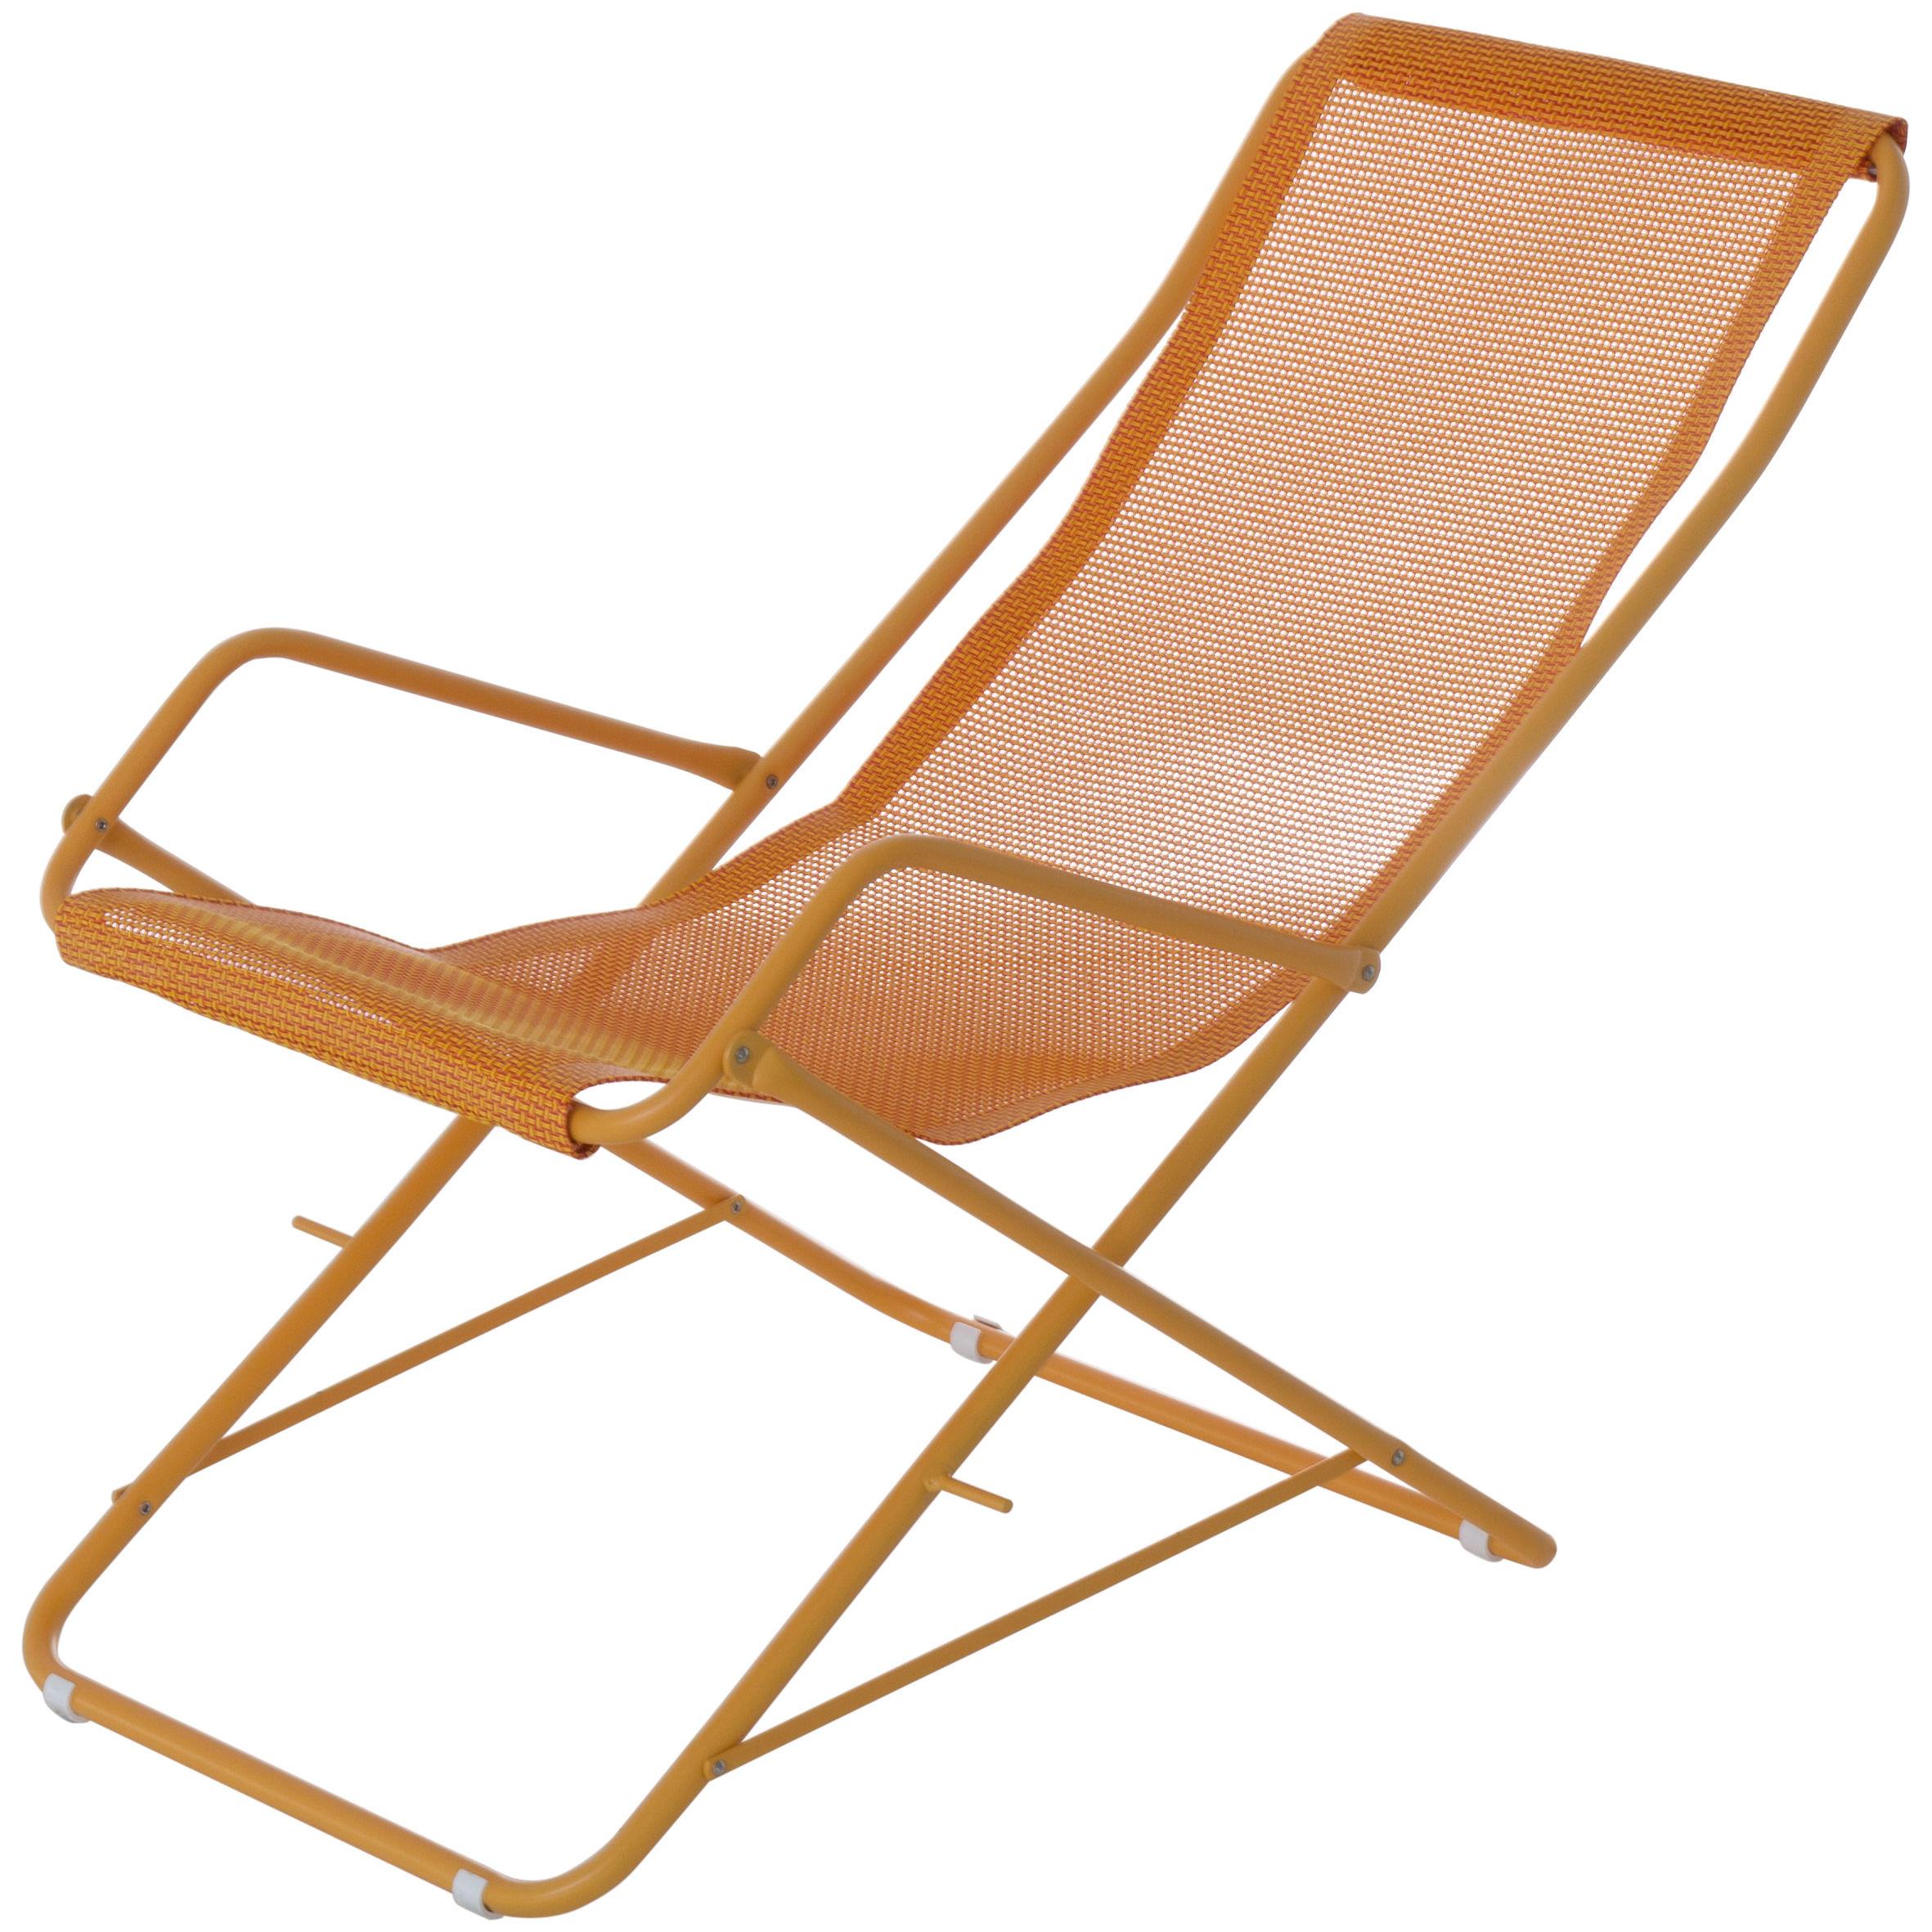 Outdoor - Chaises longues et hamacs - Chaise longue Bahama / Pliable - Emu - Orange / Structure moutarde - Acier verni, Toile